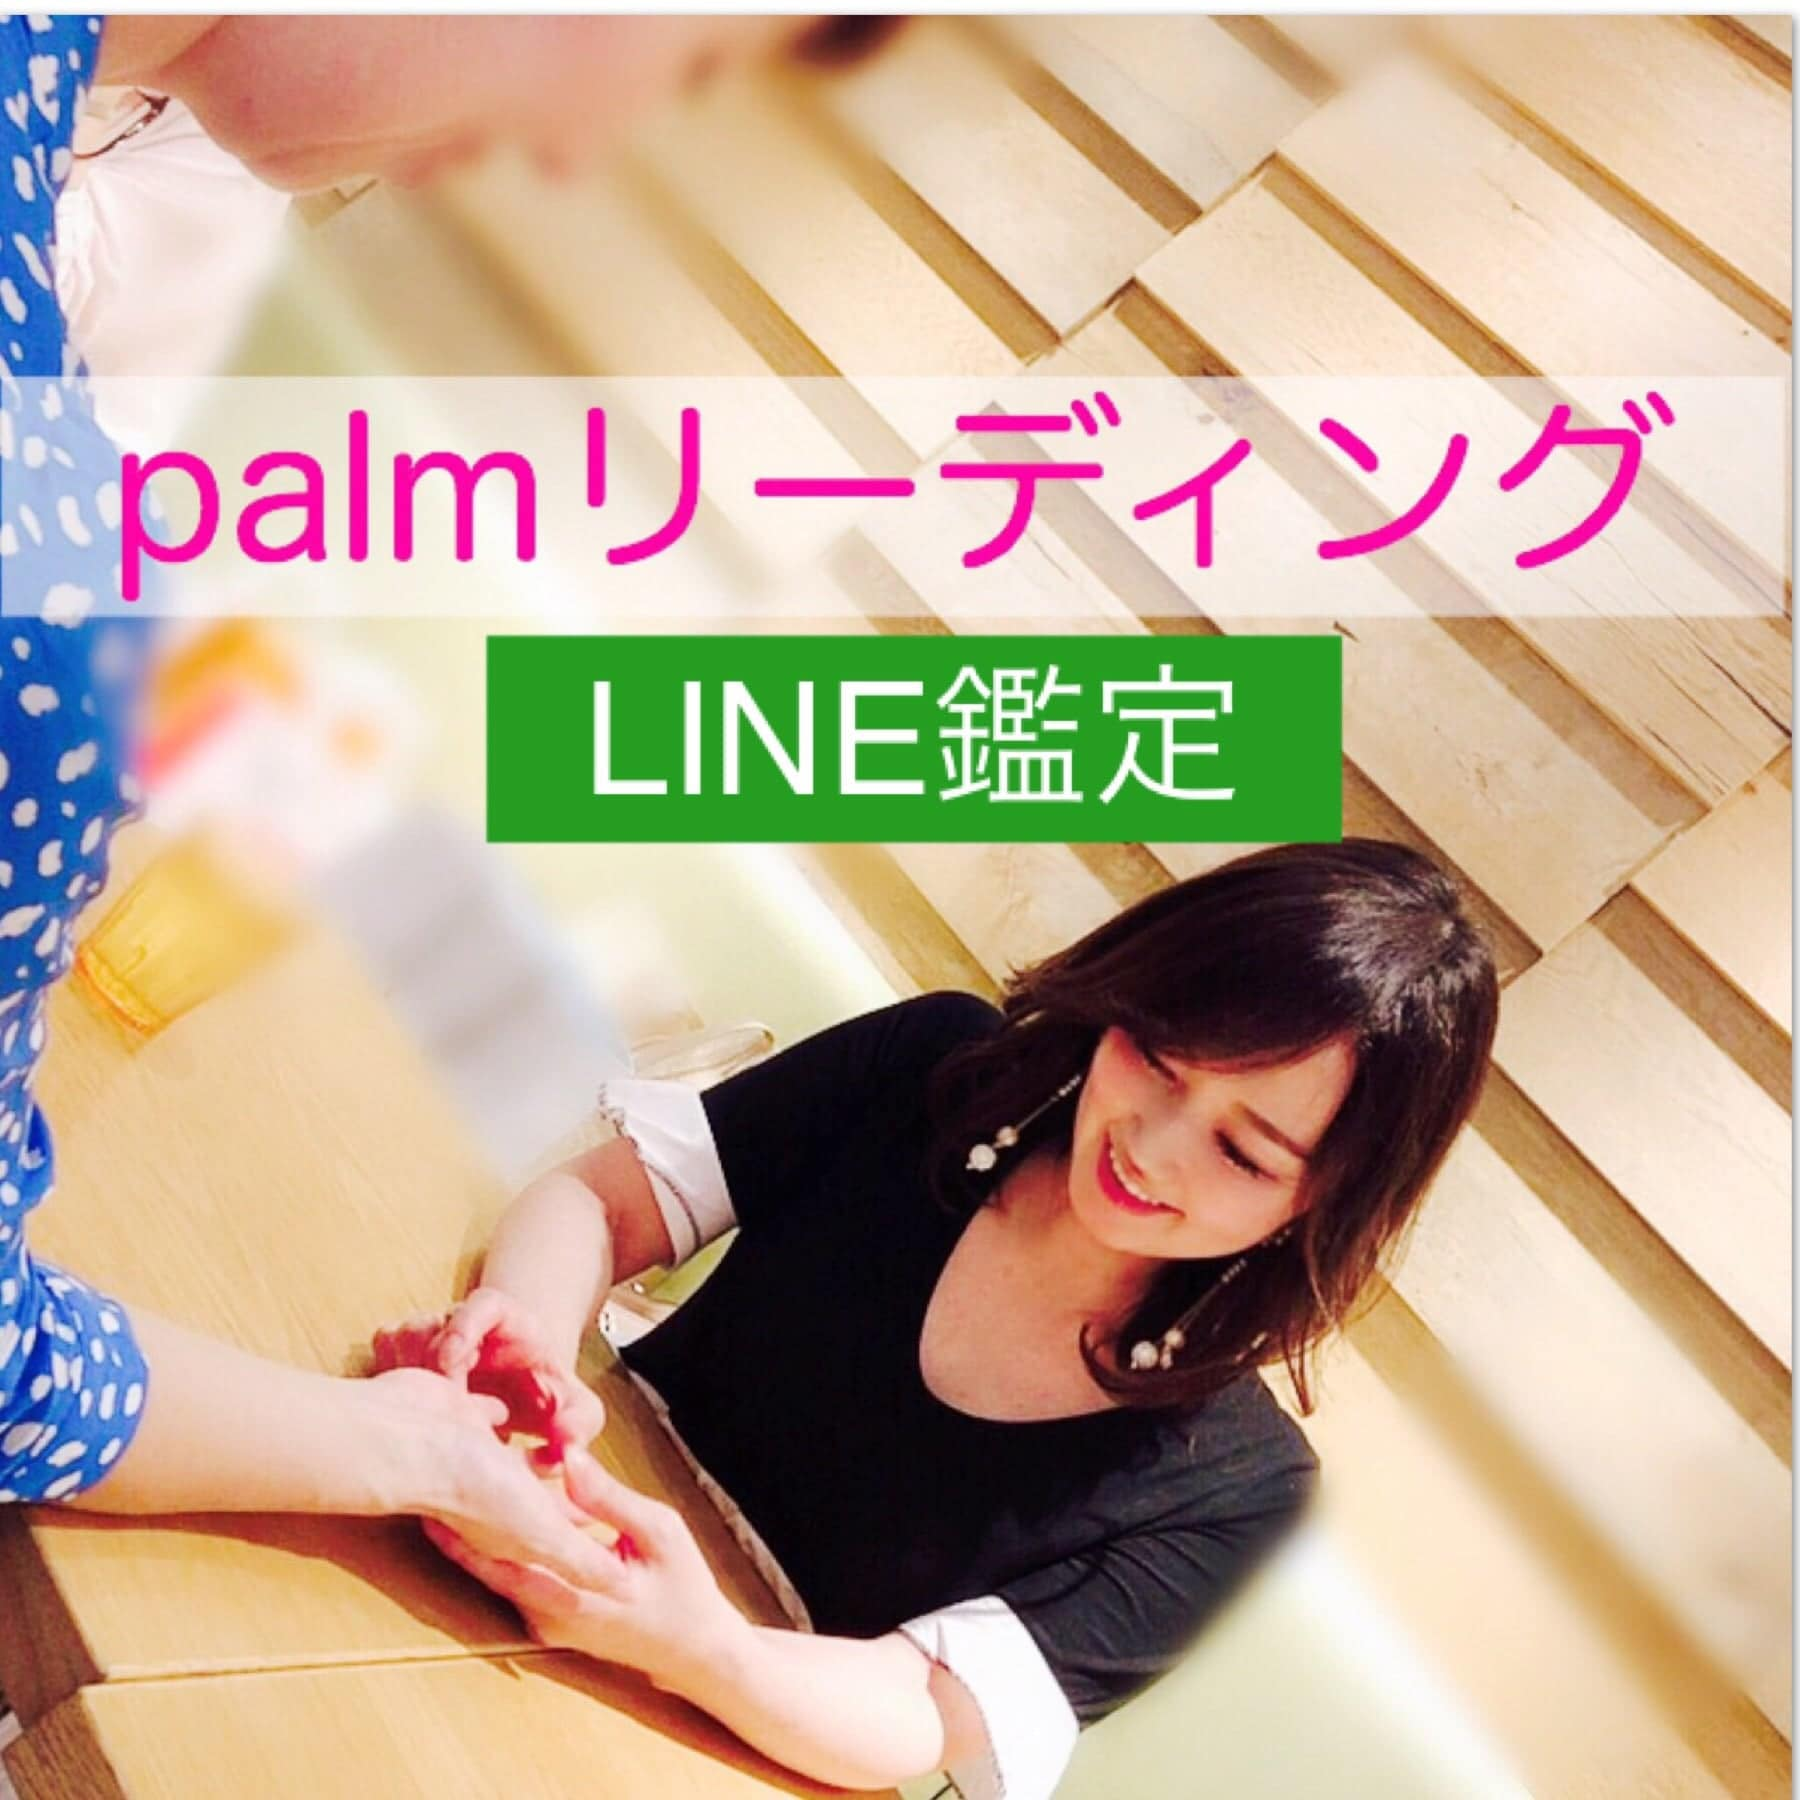 手相と数秘で読み取るpalmリーディング/LINE鑑定8月キャンペーン!!のイメージその1